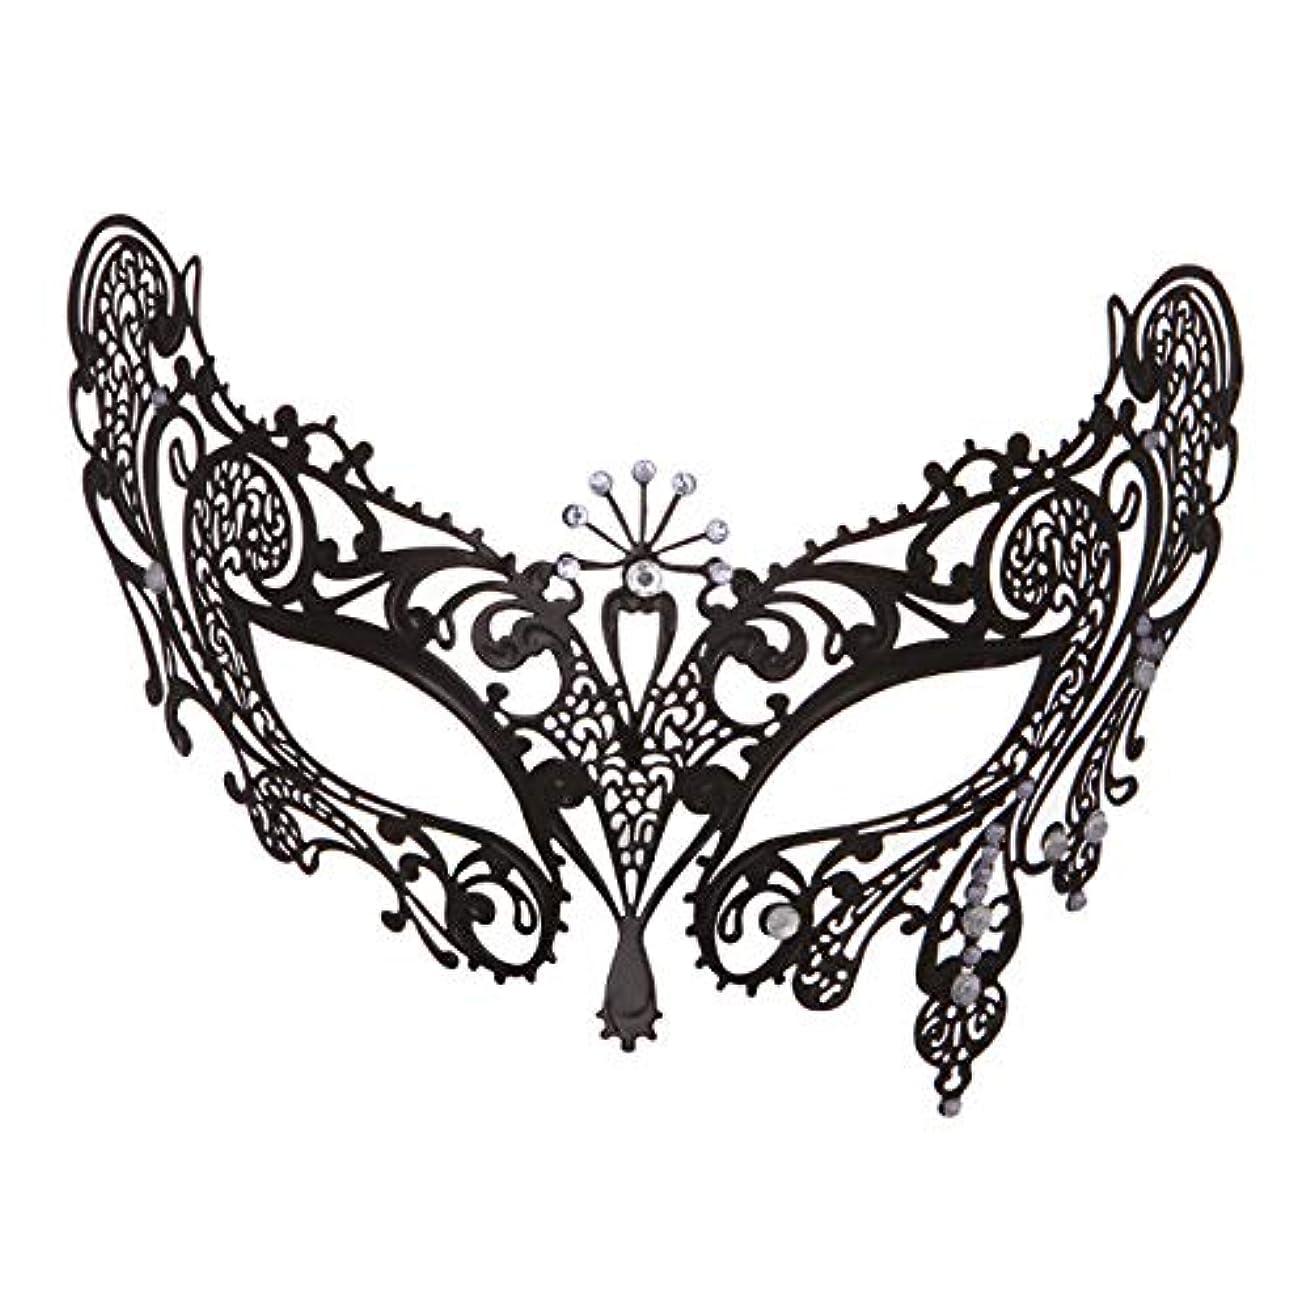 天文学潜在的なスタックレディマスクメタルダイヤモンドパーティーパフォーマンス仮装ハロウィーンアイマスク